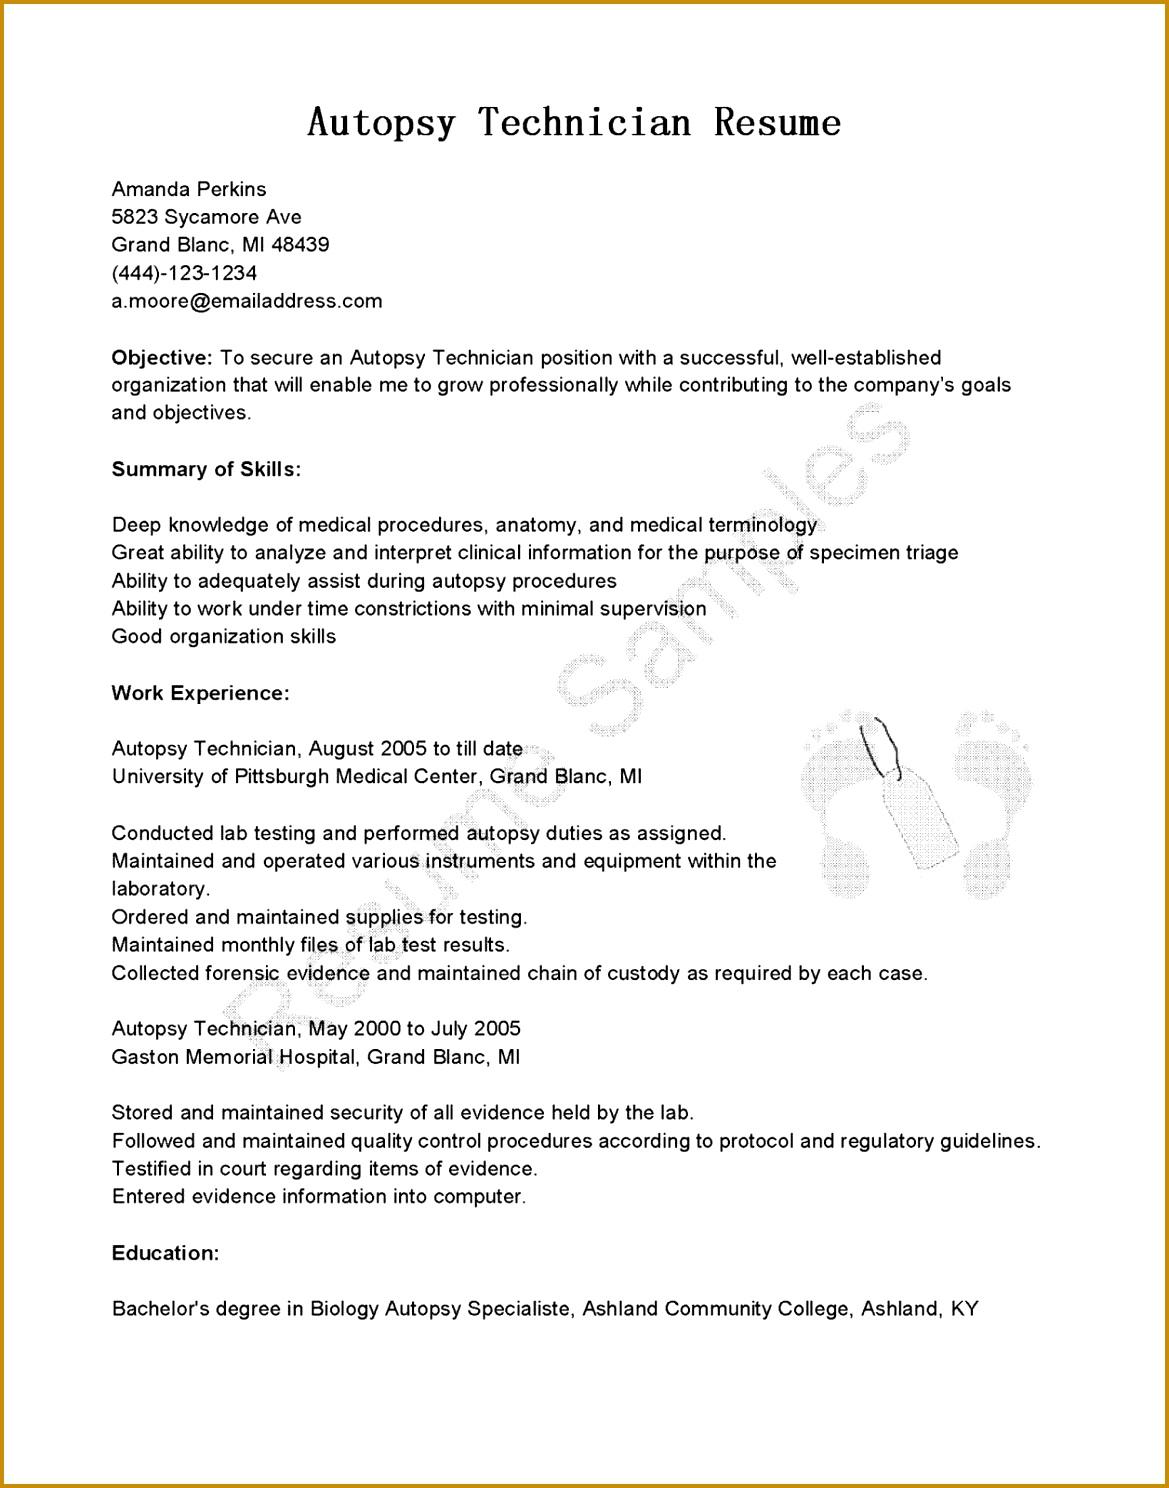 Sample Cover Letter Template Lovely Od Specialist Cover Letter Teacher Consultant Cover Letter Sat Tutor 14881169